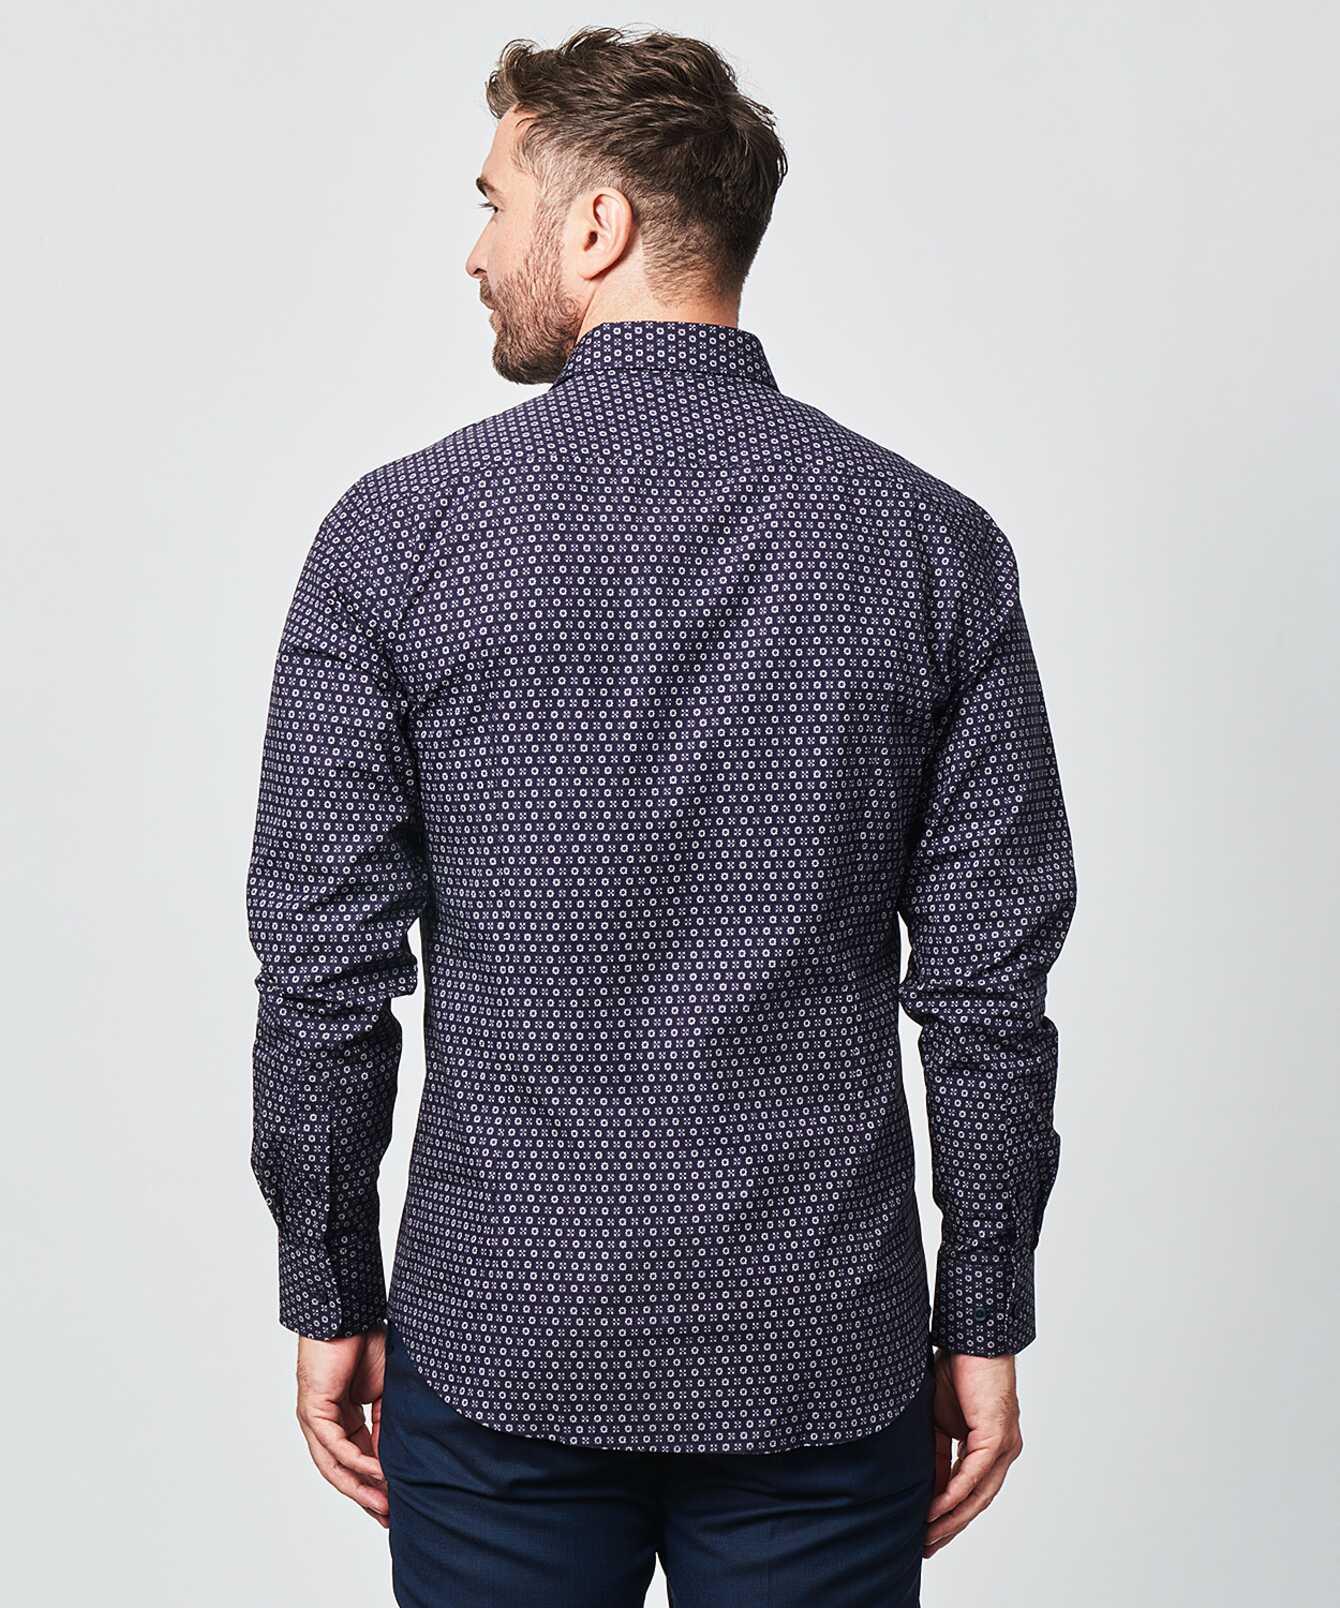 Skjorta Furnas Mörkblå The Shirt Factory